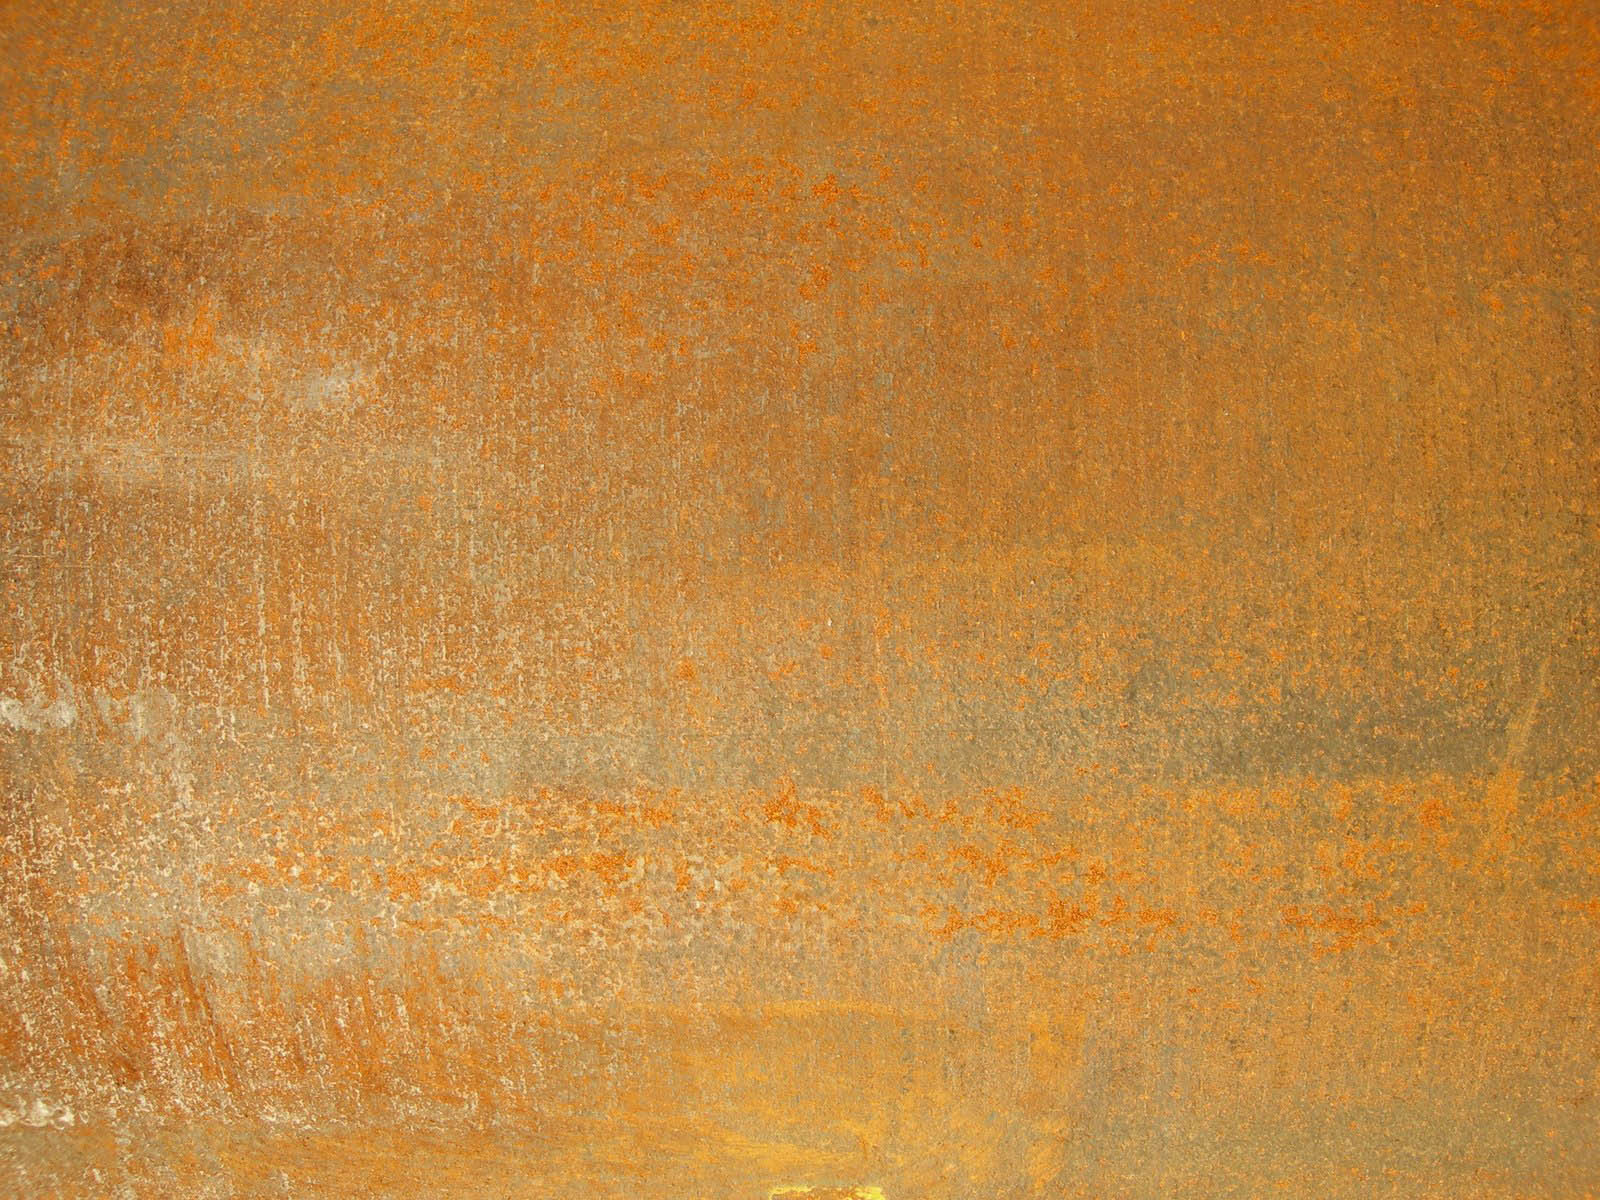 swenner holm idool Texturas para diseo grfico pginas